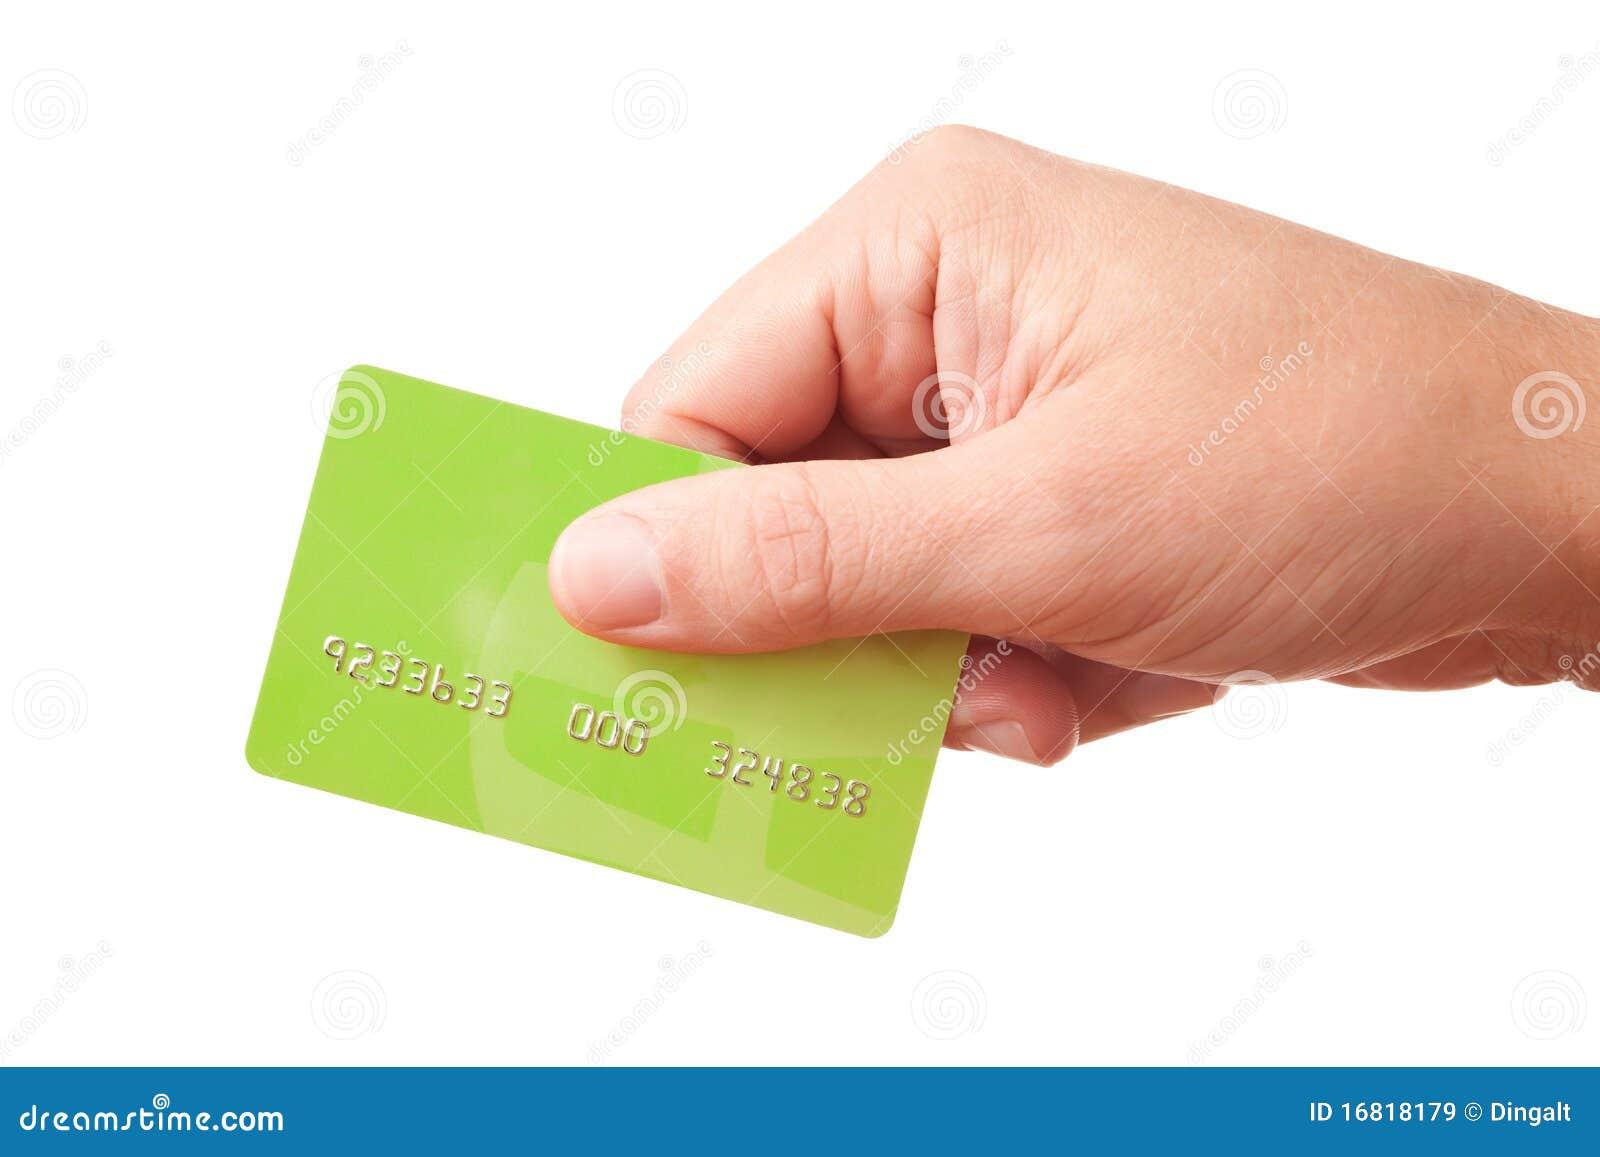 Пластиковая карта visa продажа Нягань